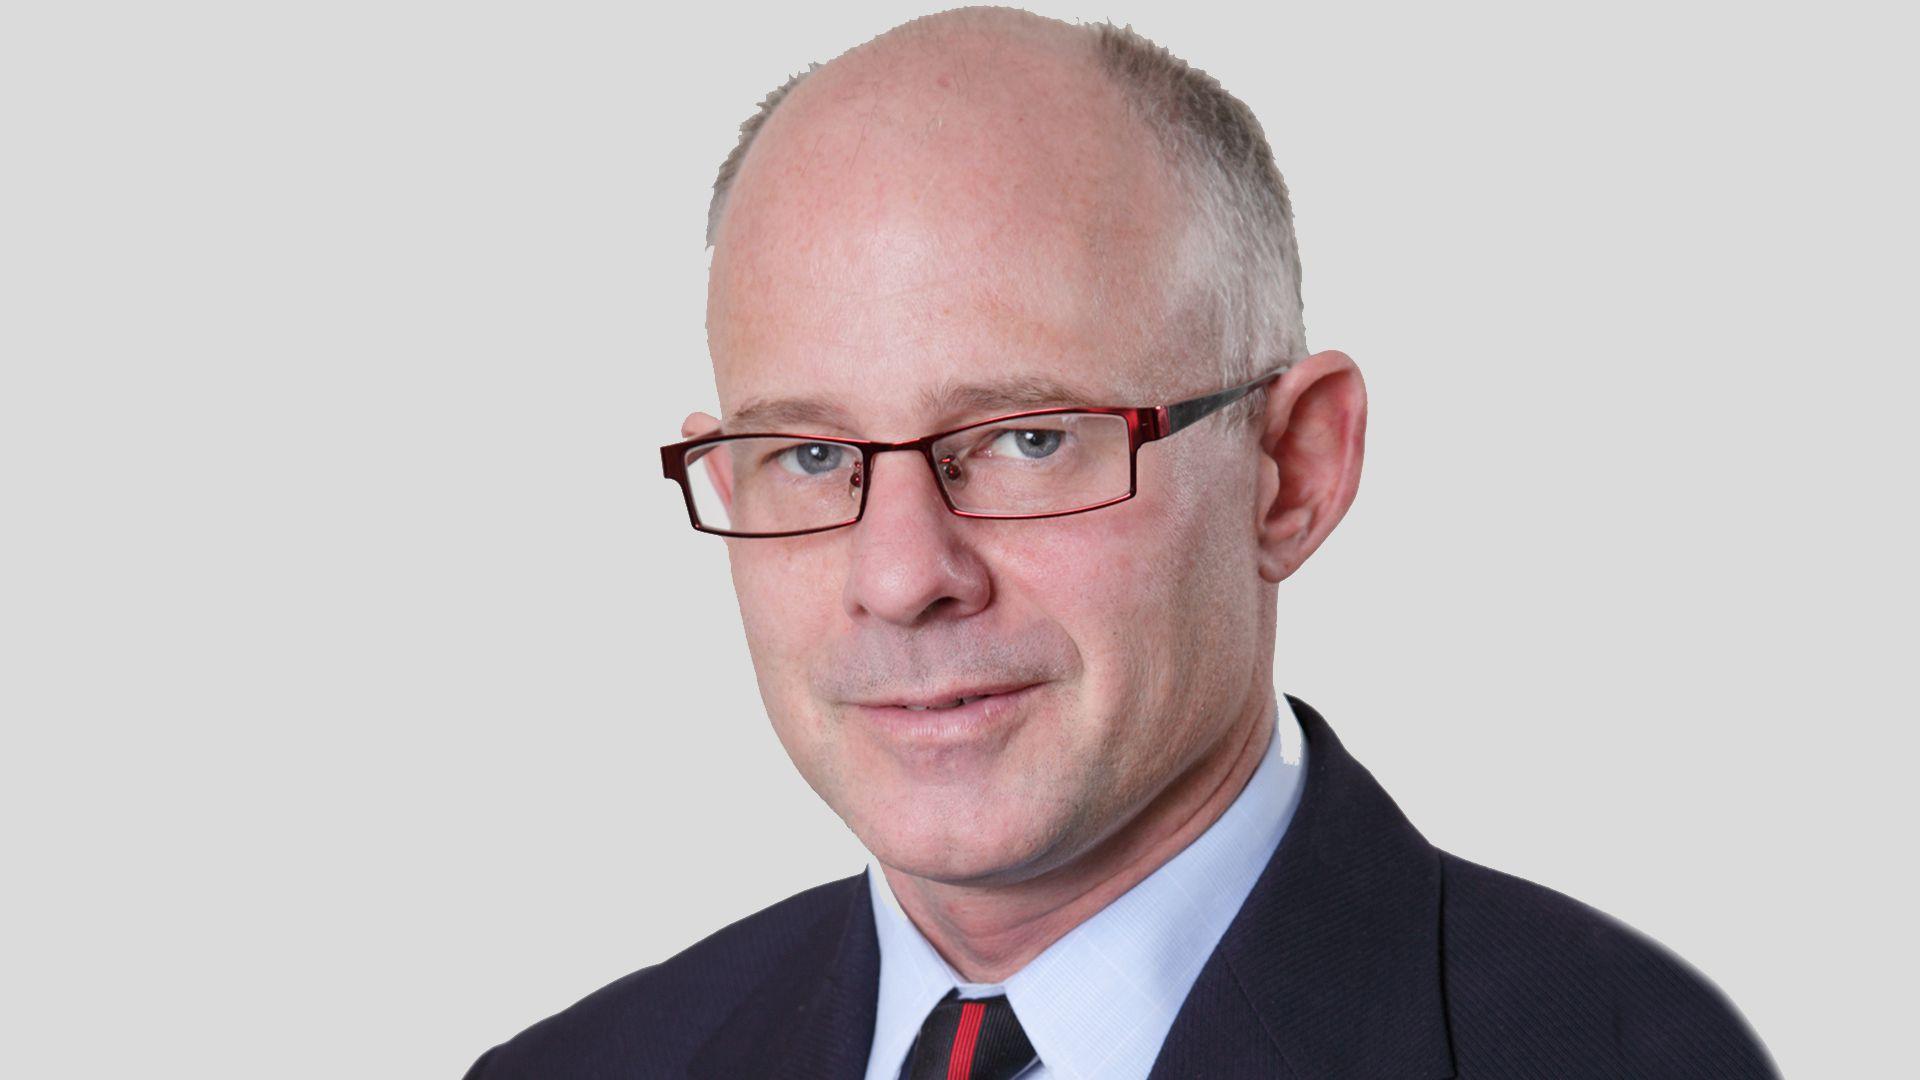 Hans Humes de Greylock Capital